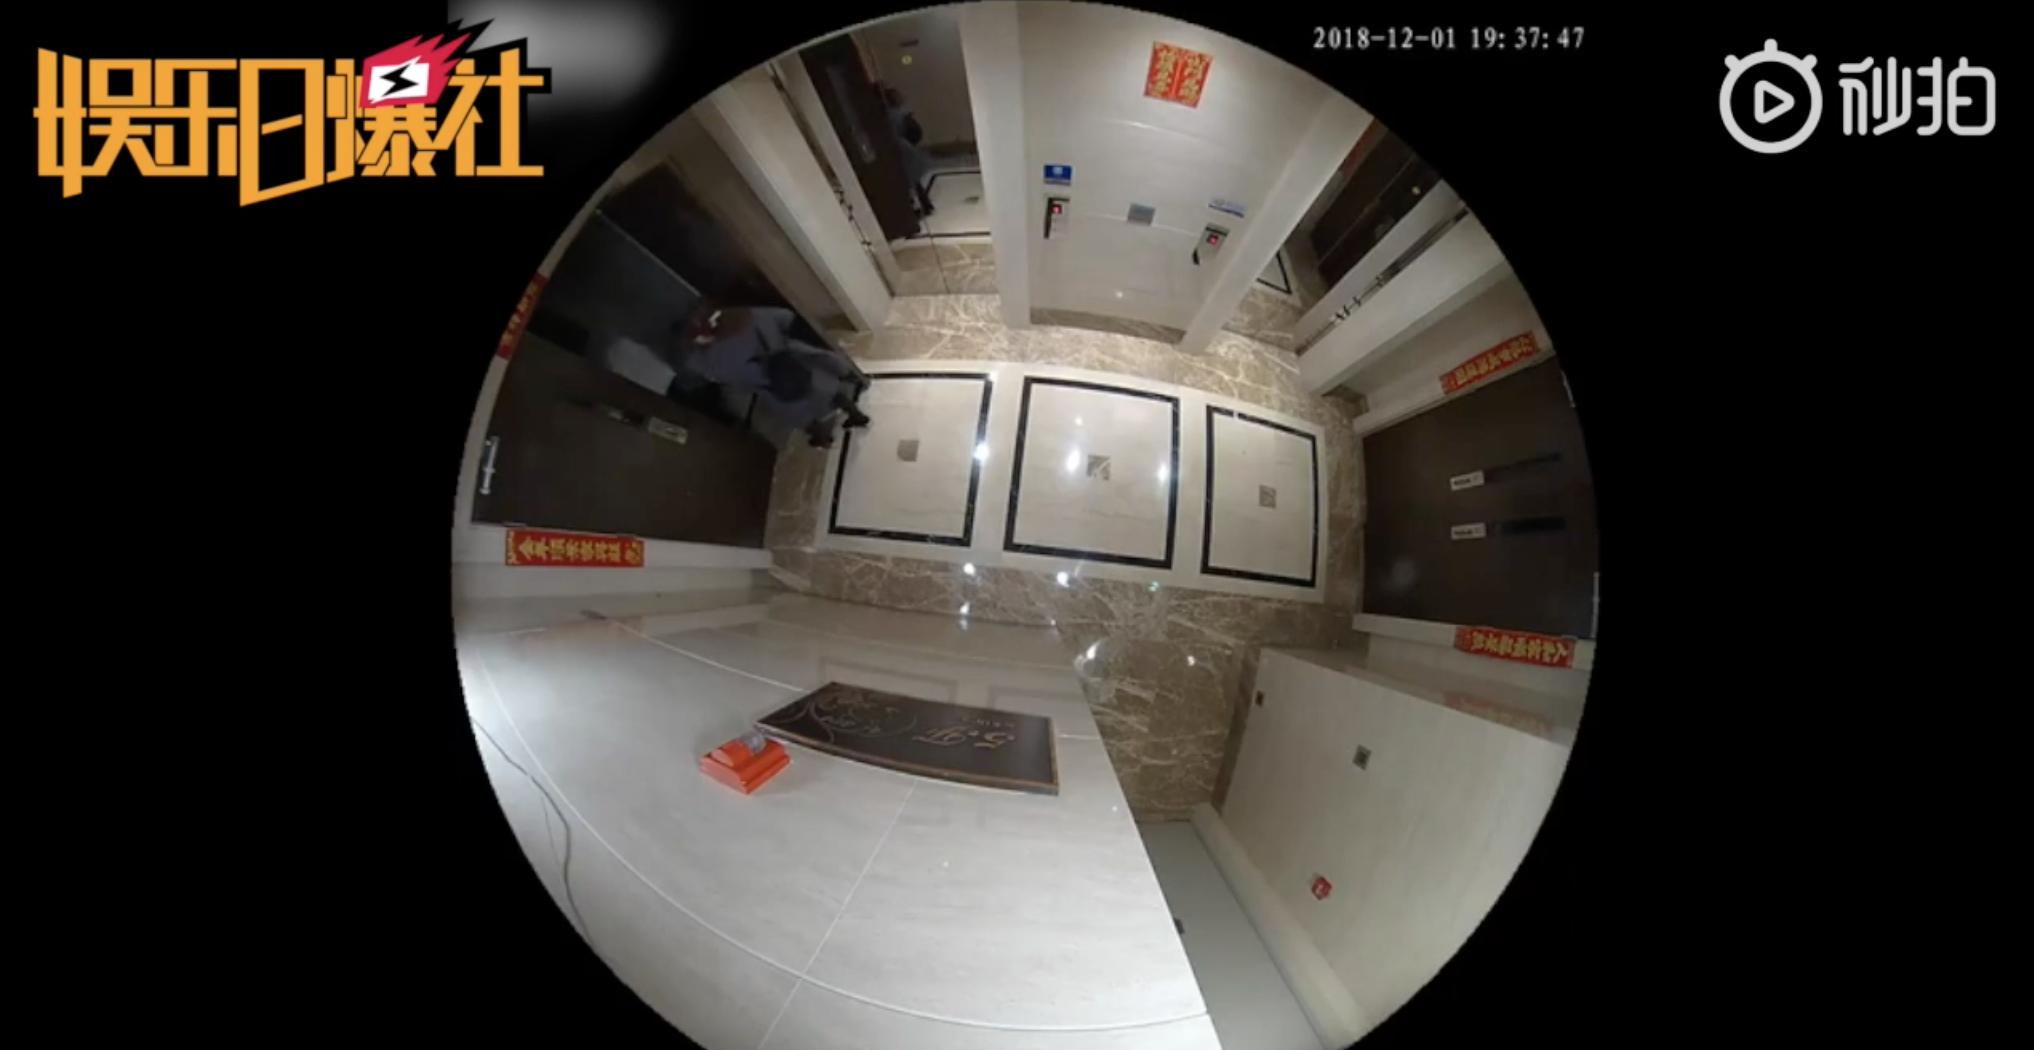 王宝强家门口监控视频曝光,马蓉几度跳起来想砸掉摄像头的照片 - 4